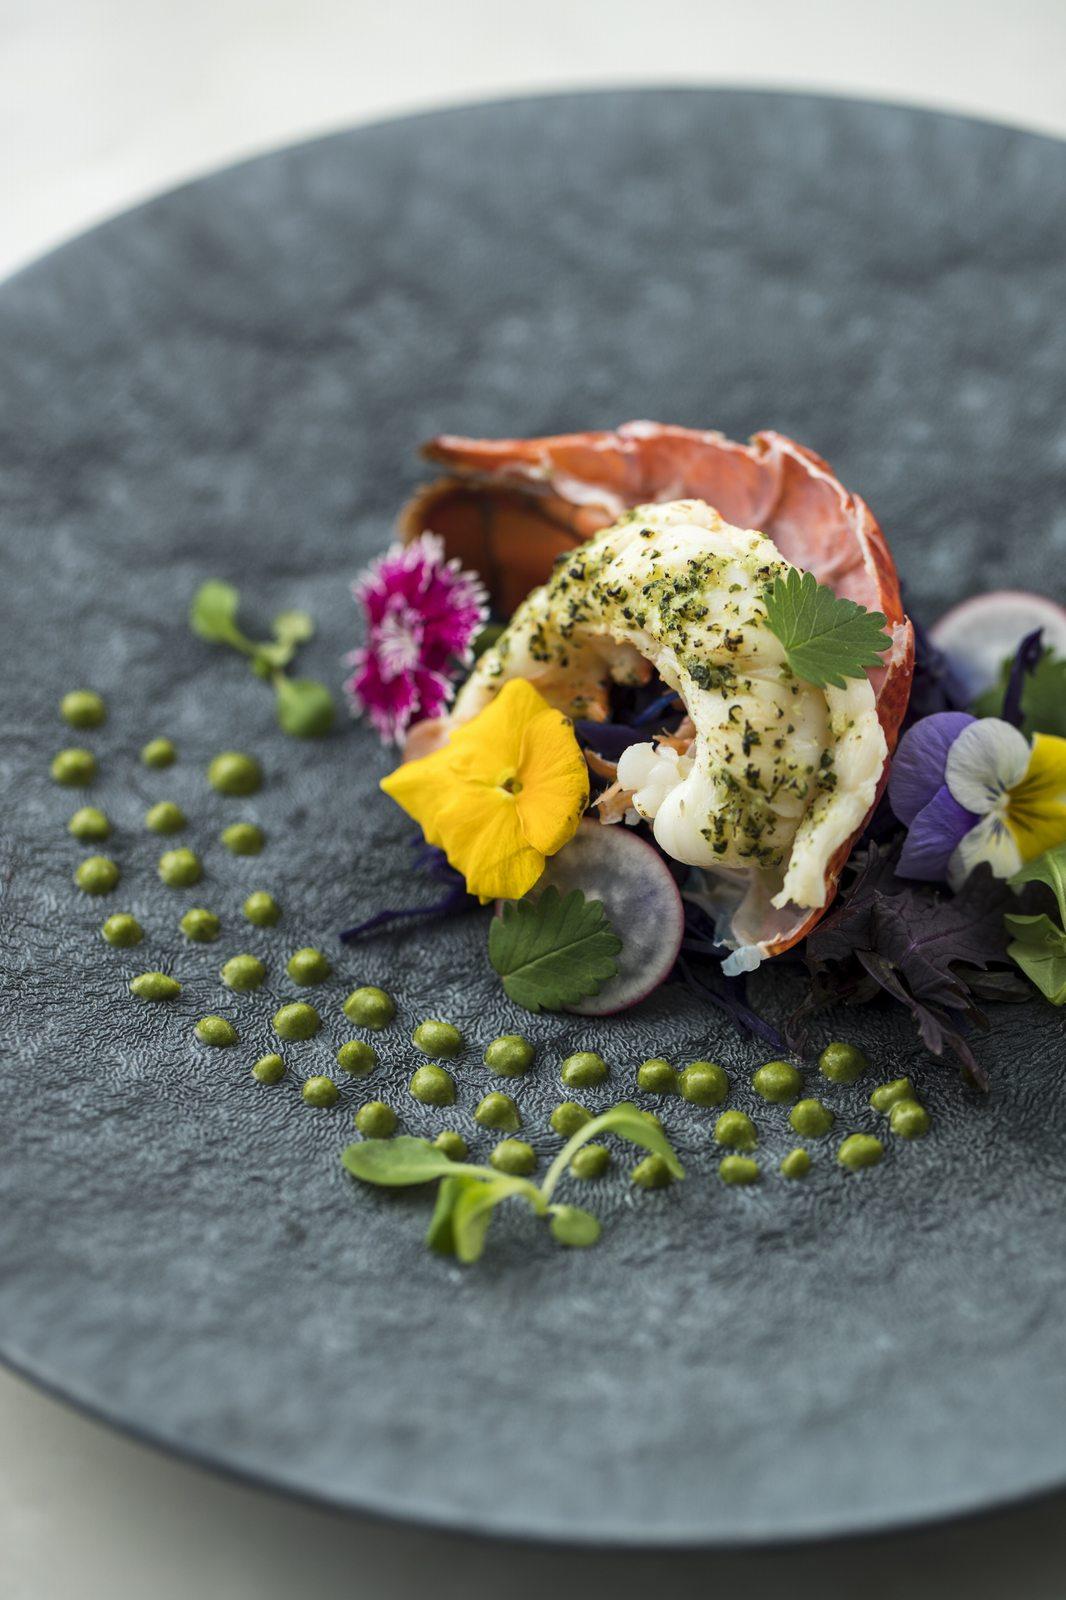 香川県高松市の結婚式場のシェルエメール&アイスタイルの料理が人気の評判の式場